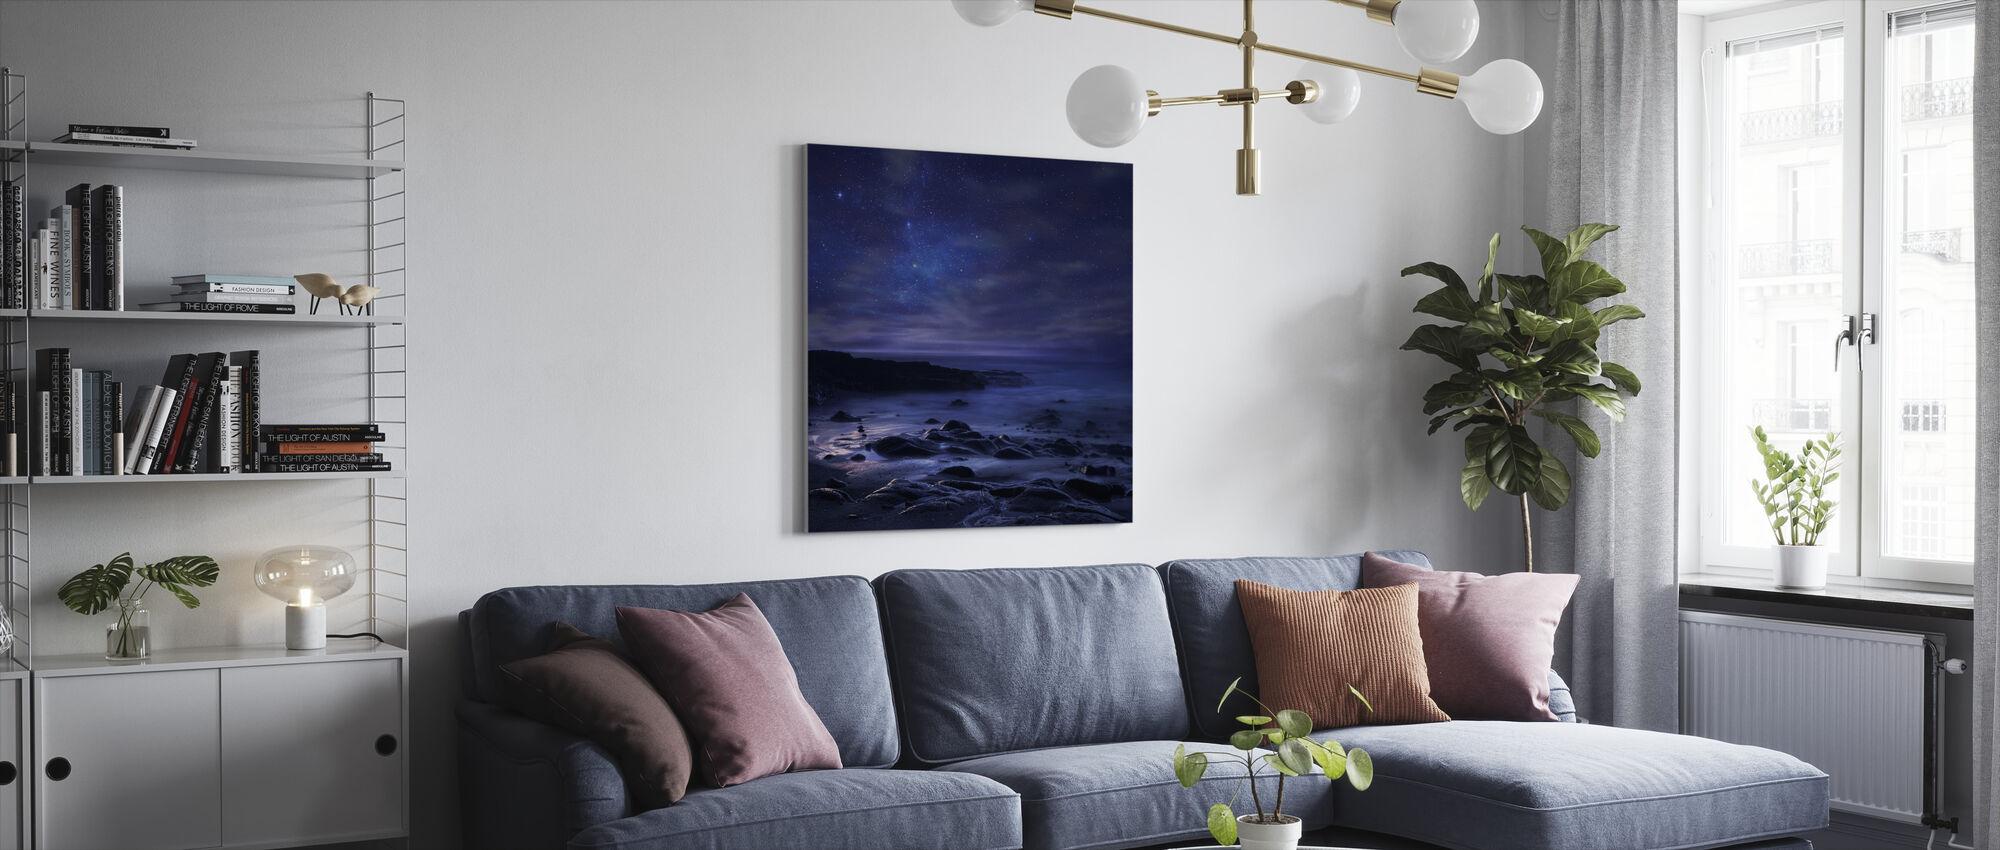 Lilla himmel - Billede på lærred - Stue